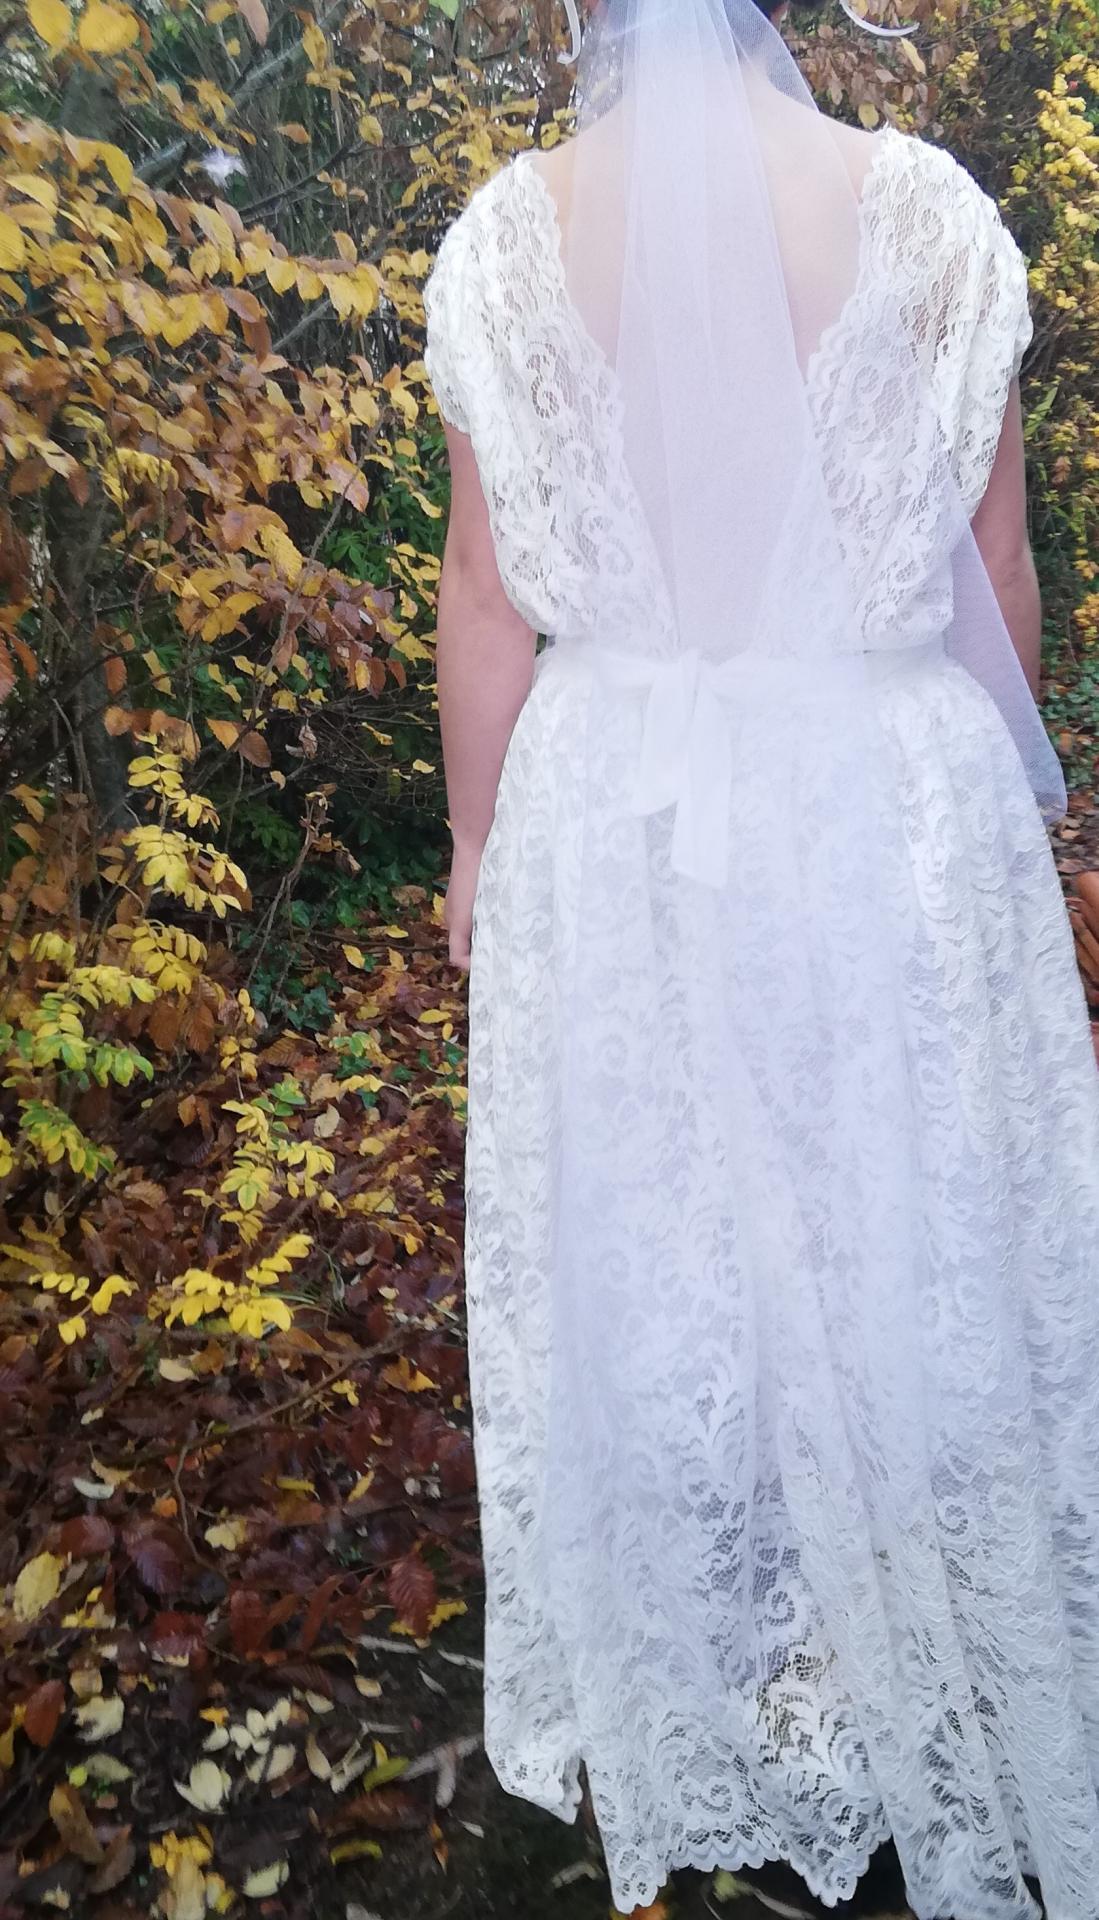 Robe de mariee reversible dentelle tulle et viscose rose faconnee a la main avec un coeur de nacre couronne fleurs et plumes fifi au jardin pose 6